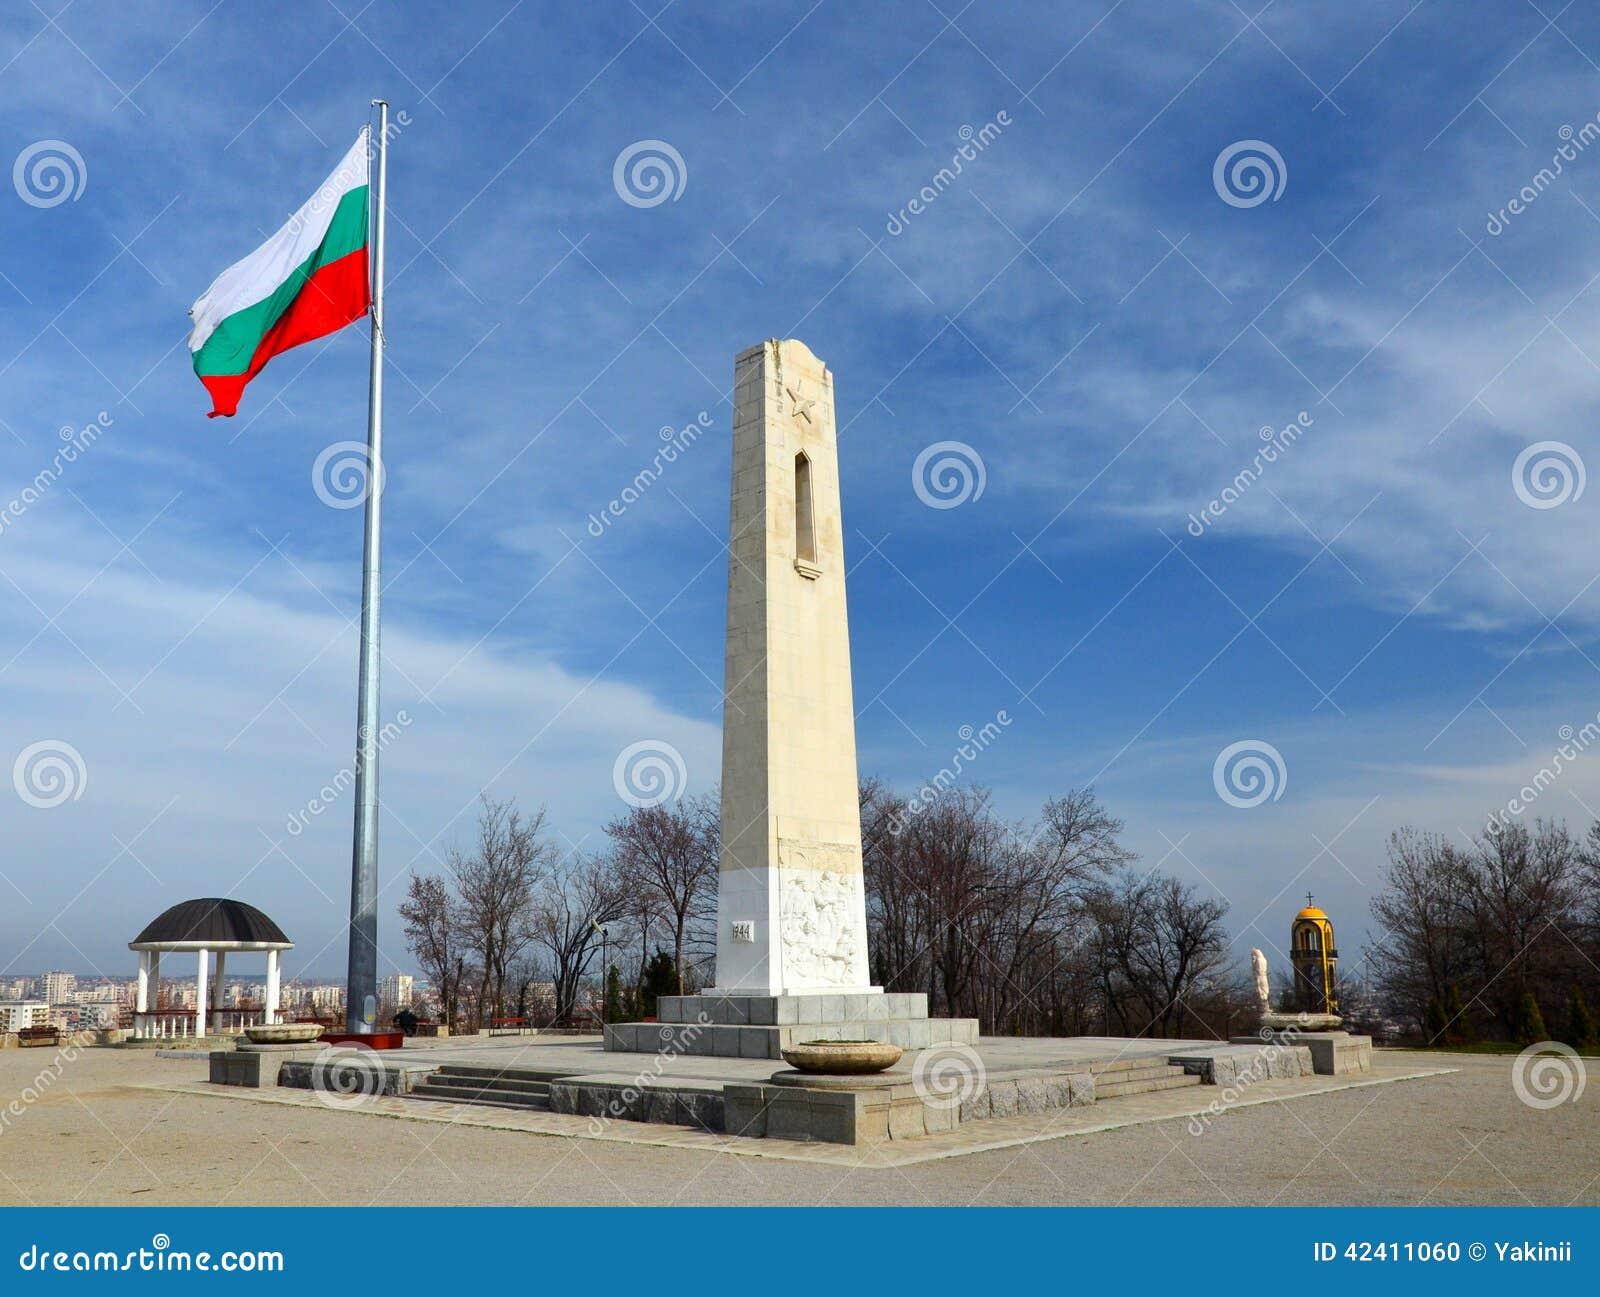 Flagpole z Bułgarską flaga państowowa